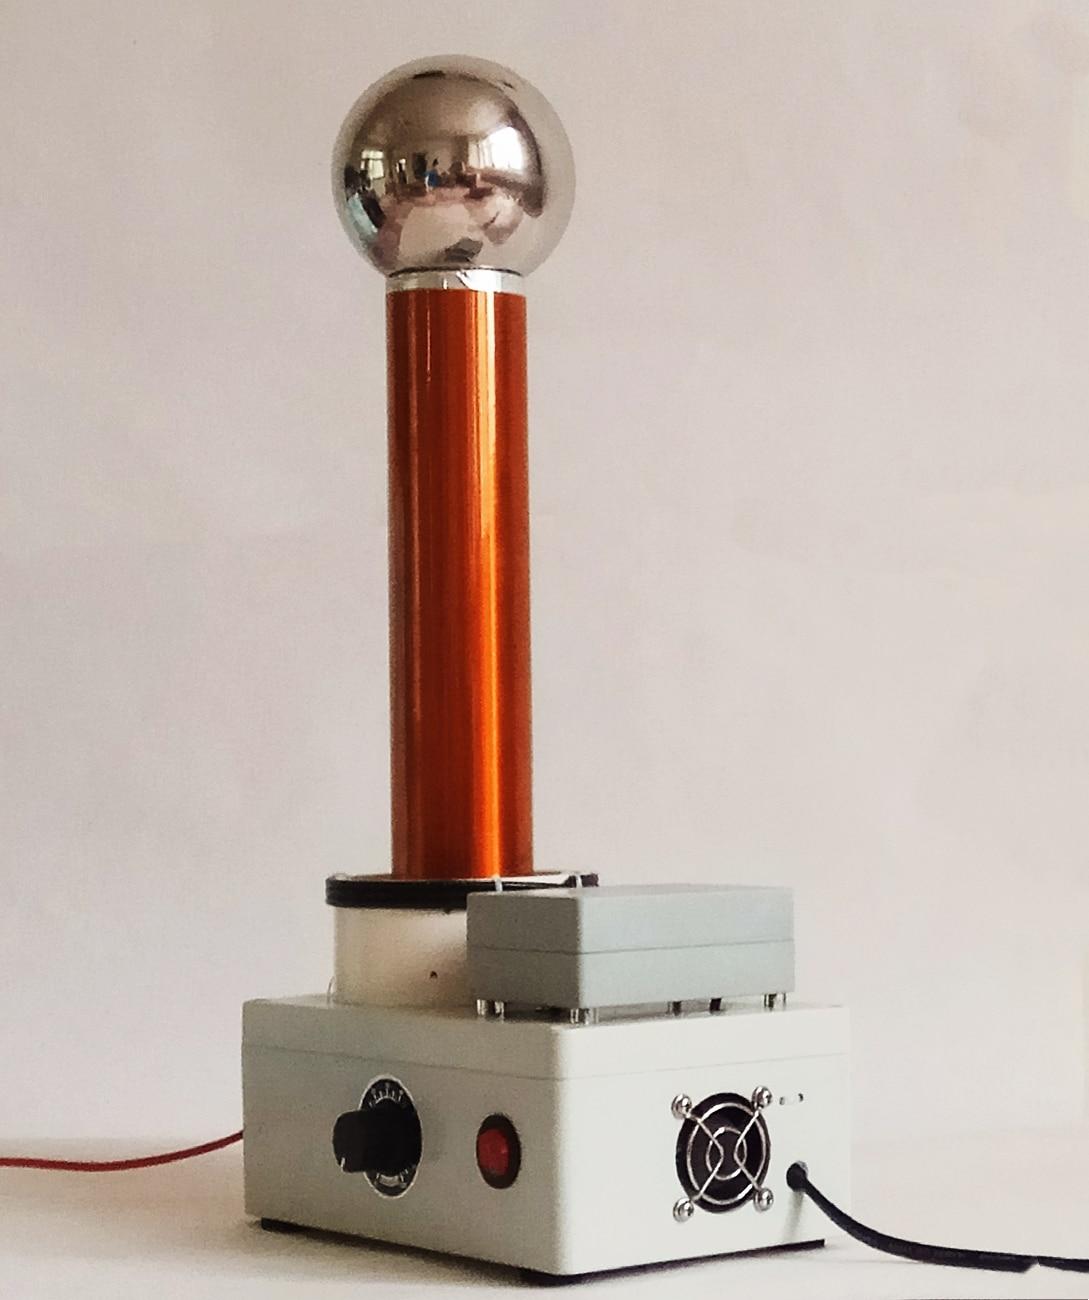 Démonstration du principe de Transmission sans fil AC haute fréquence du simulateur de foudre d'étincelle de bobine Tesla - 4